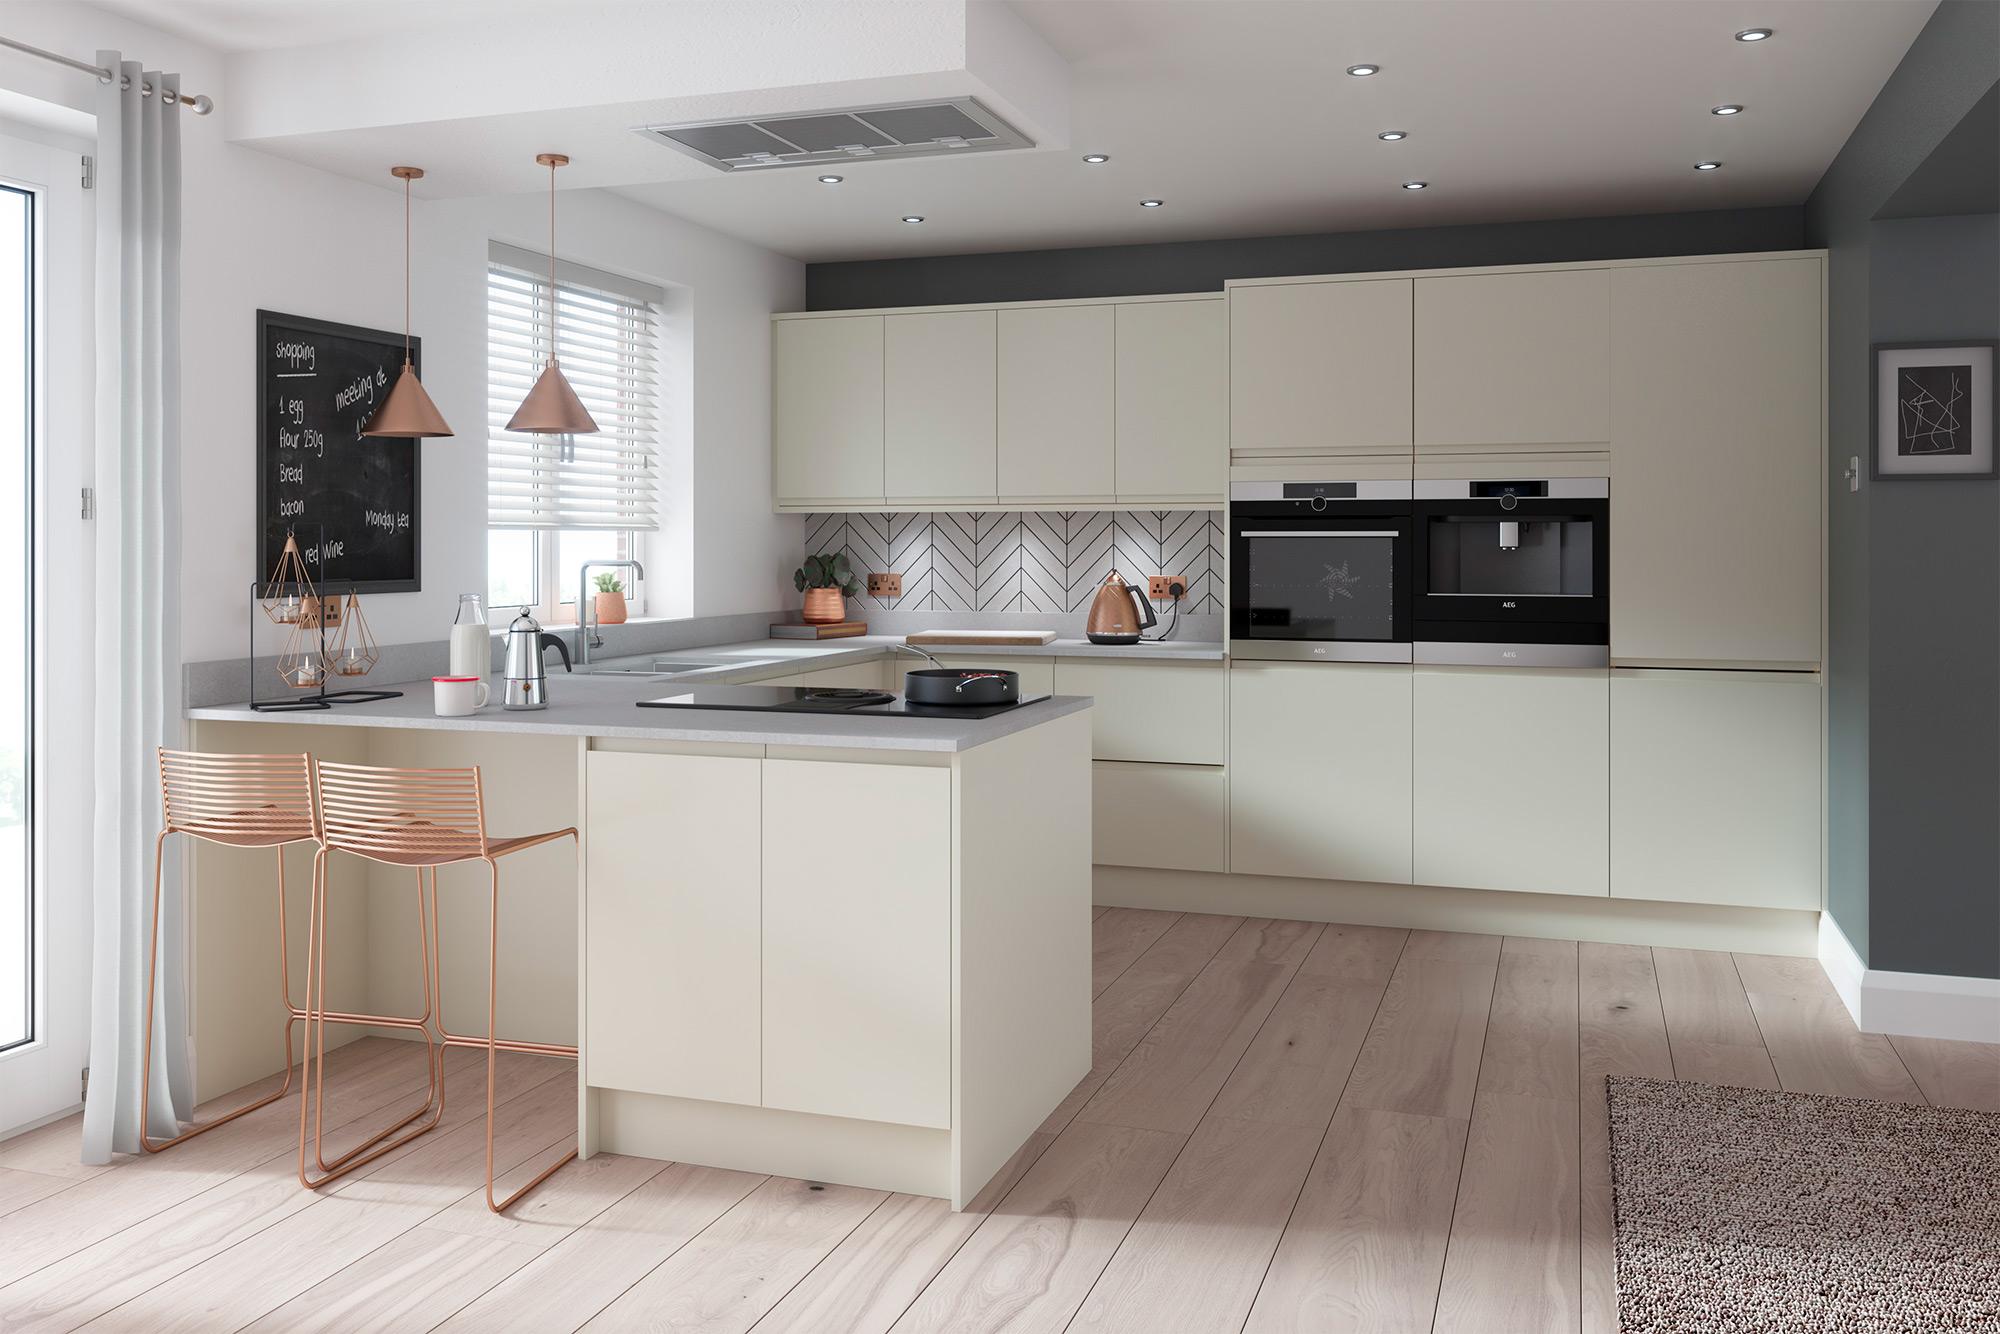 Handleless Kitchen Doors At Trade Prices Diy Kitchens